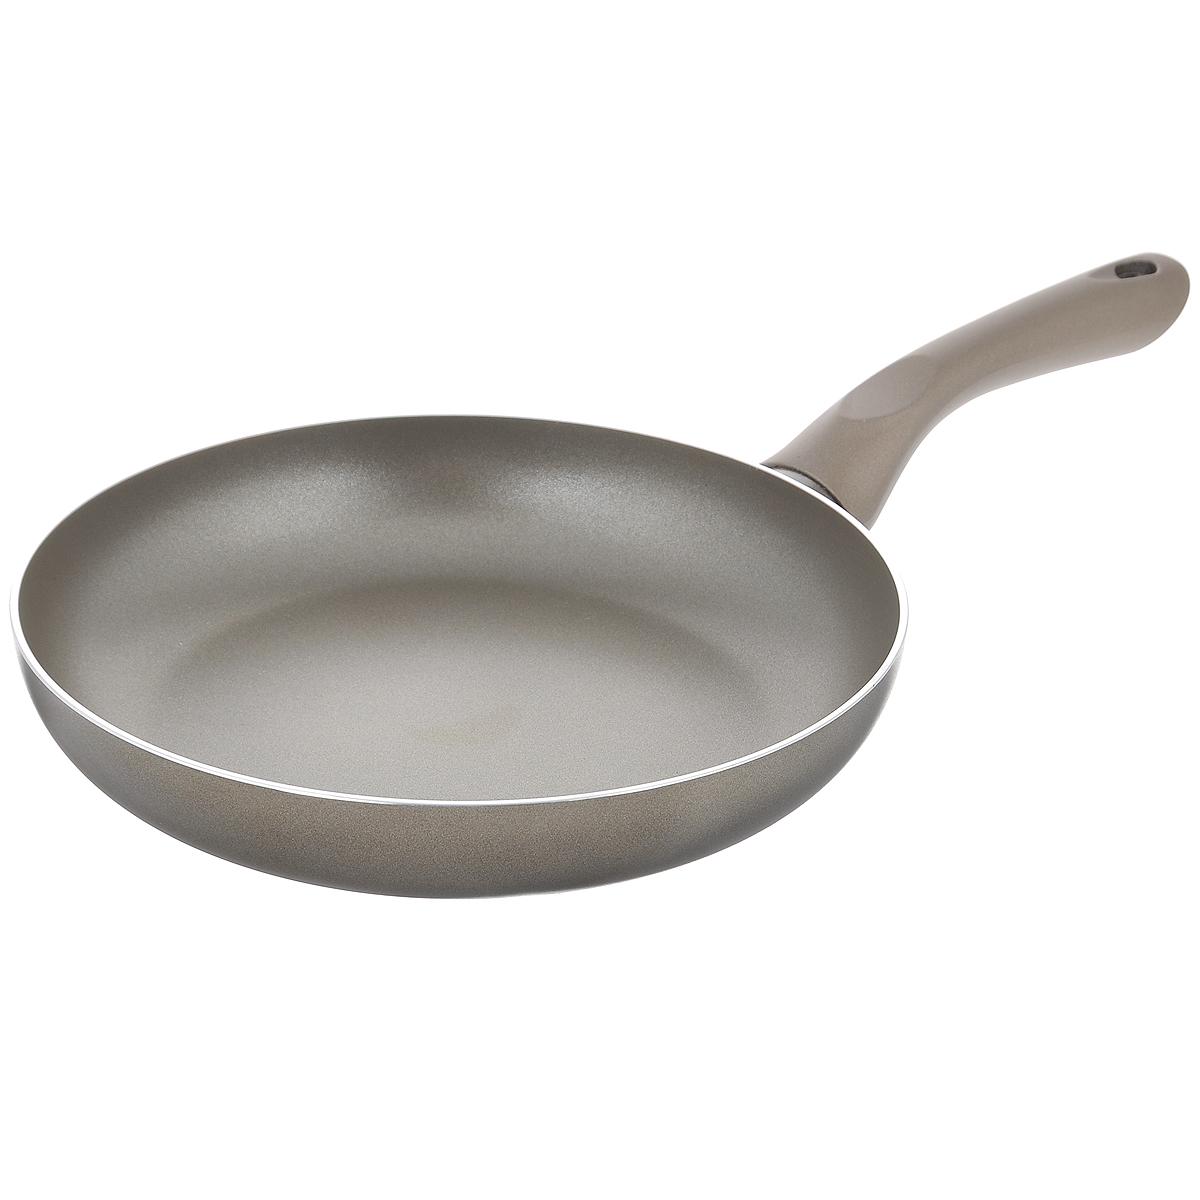 Сковорода Beka Platinum, с антипригарным покрытием, цвет: серый. Диаметр 26 см68/5/4Сковорода Beka Platinum изготовлена из массивного литого алюминия с антипригарным покрытием. Это экологически чистое покрытие, которое безопасно для здоровья человека, так как не содержит вредных соединений PFOA. В случае перегрева не выделяет опасных веществ. В сковороде с таким покрытием пища не пригорает и не прилипает к стенкам, поэтому готовить можно с минимальным количеством масла. Максимальная температура нагрева +220°C. Сковорода снабжена удобной бакелитовой ручкой. Рекомендуется использовать деревянные или пластиковые лопатки. Подходит для приготовления пищи на газовых, электрических, керамических и галогеновых плитах. Не пригодна для приготовления пищи на индукционной плите. Можно мыть в посудомоечной машине.